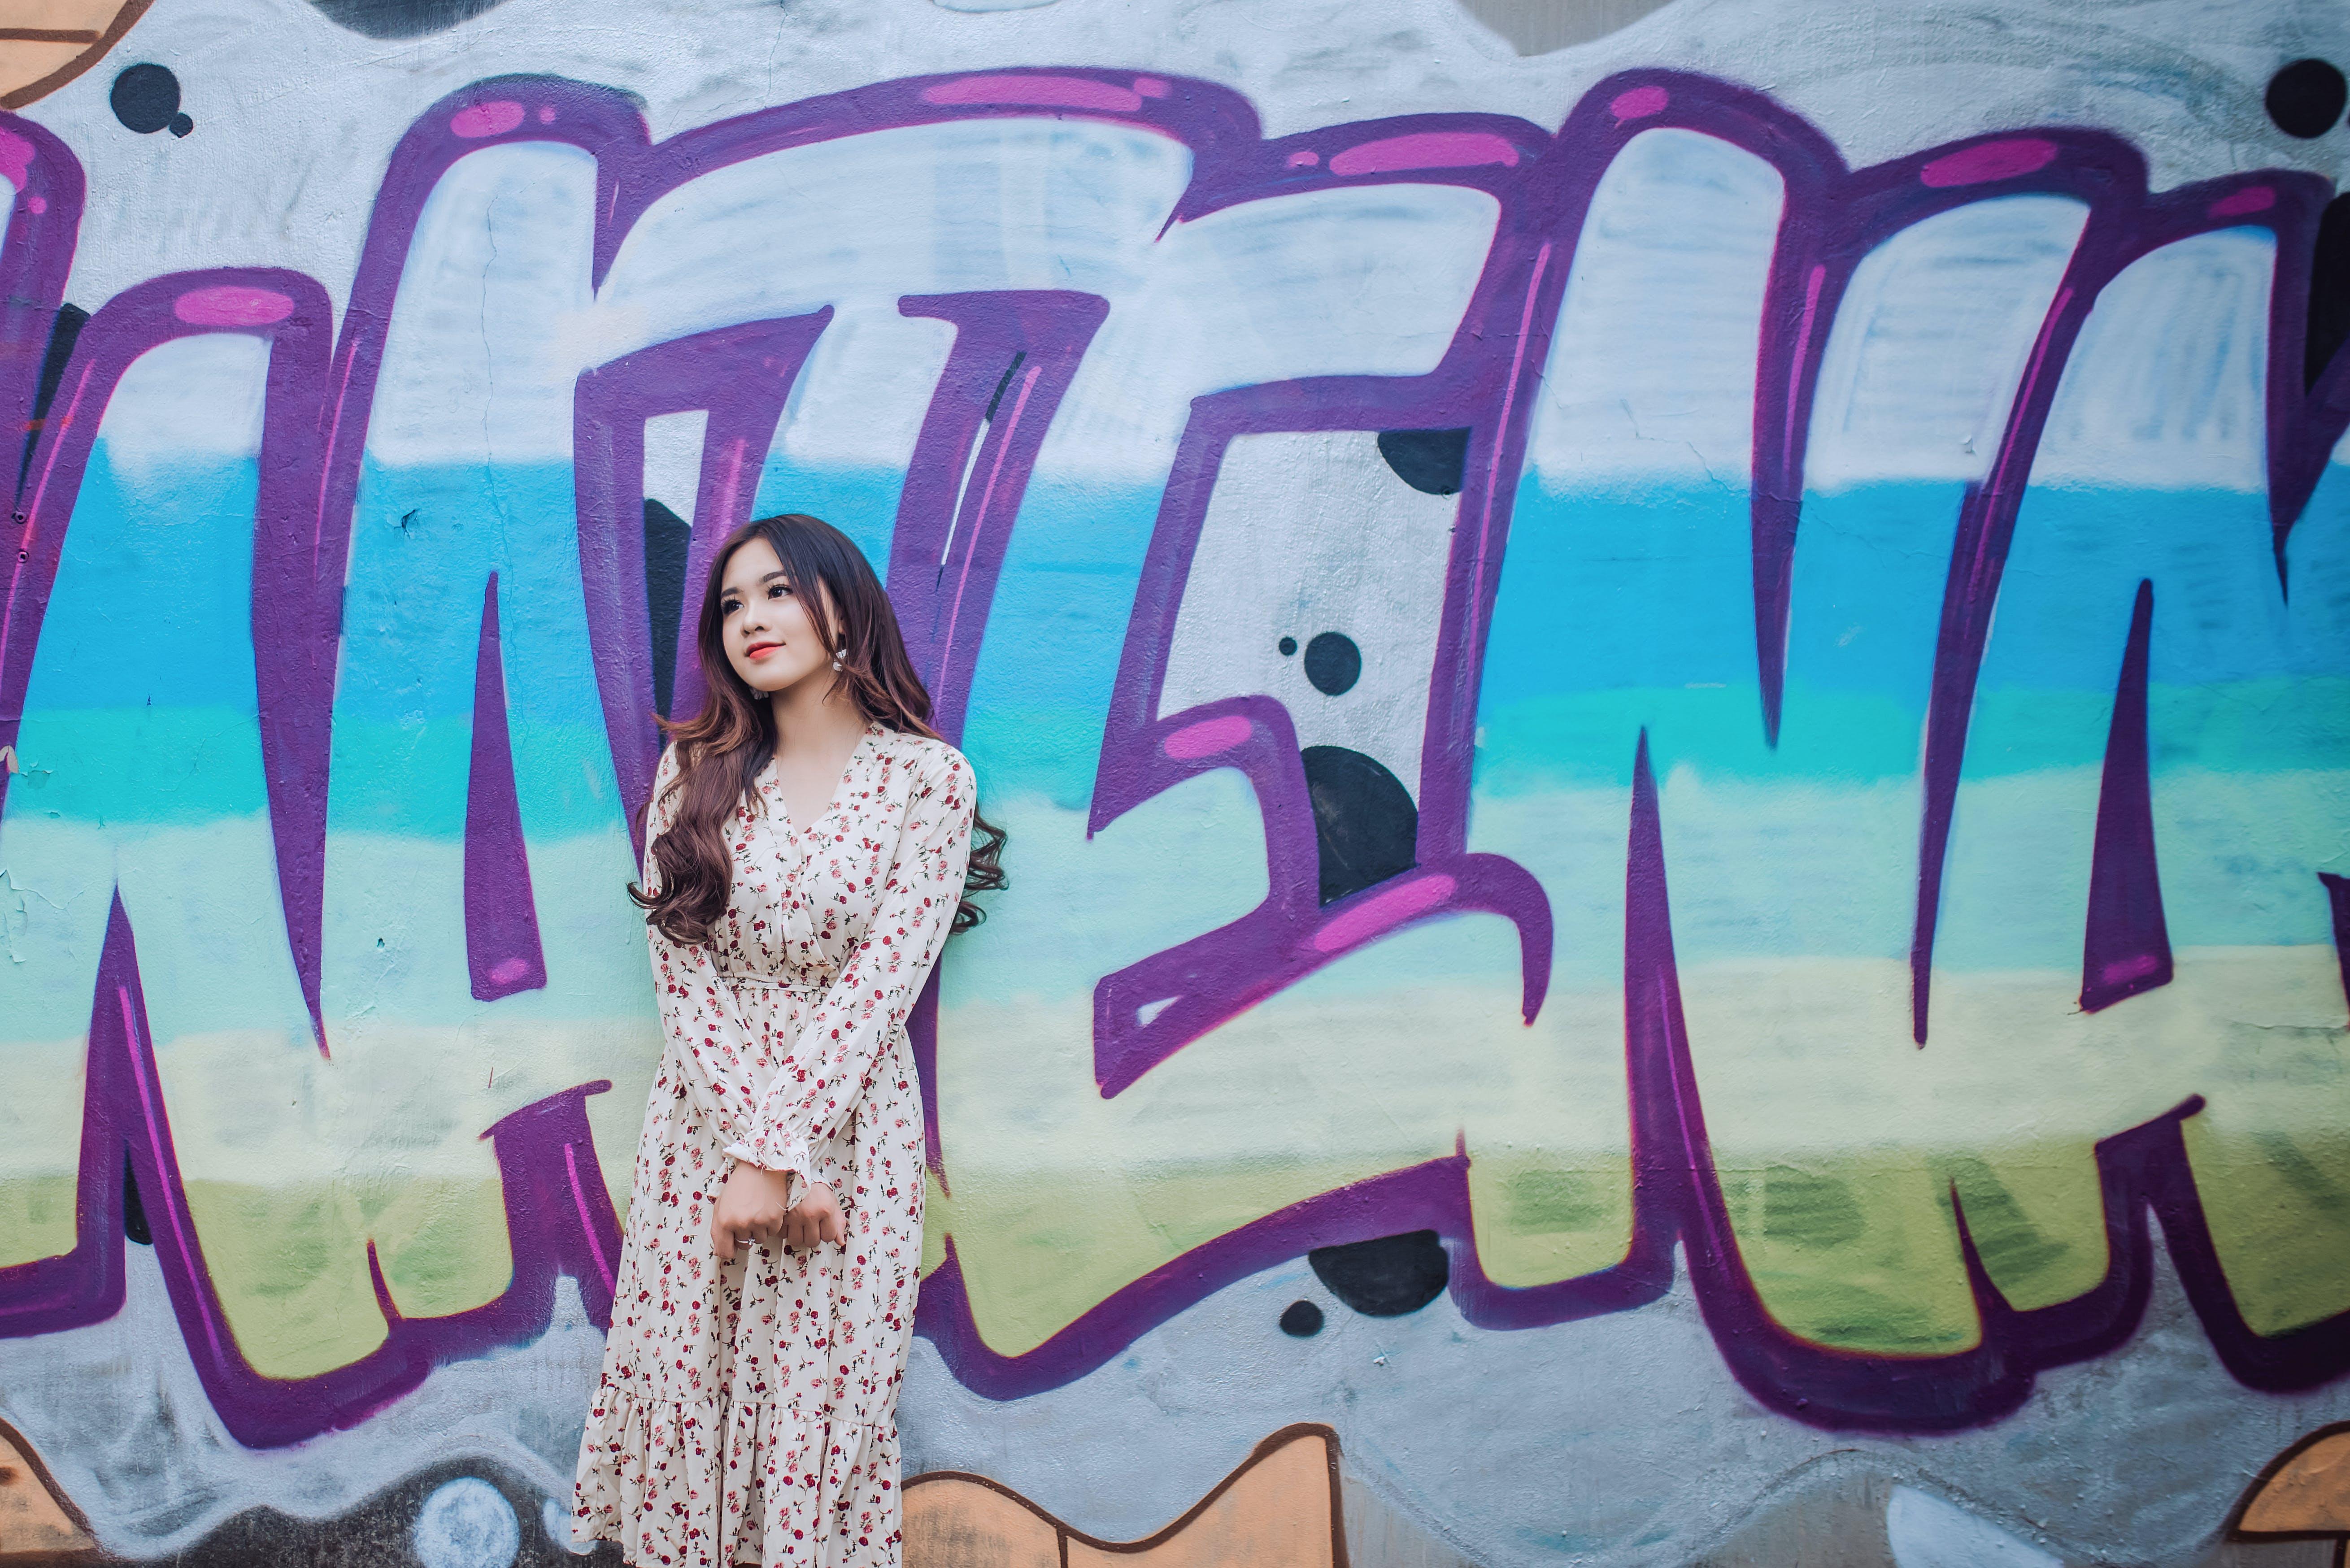 artistik, Asyalı kadın, boyama, Çiçekli elbise içeren Ücretsiz stok fotoğraf